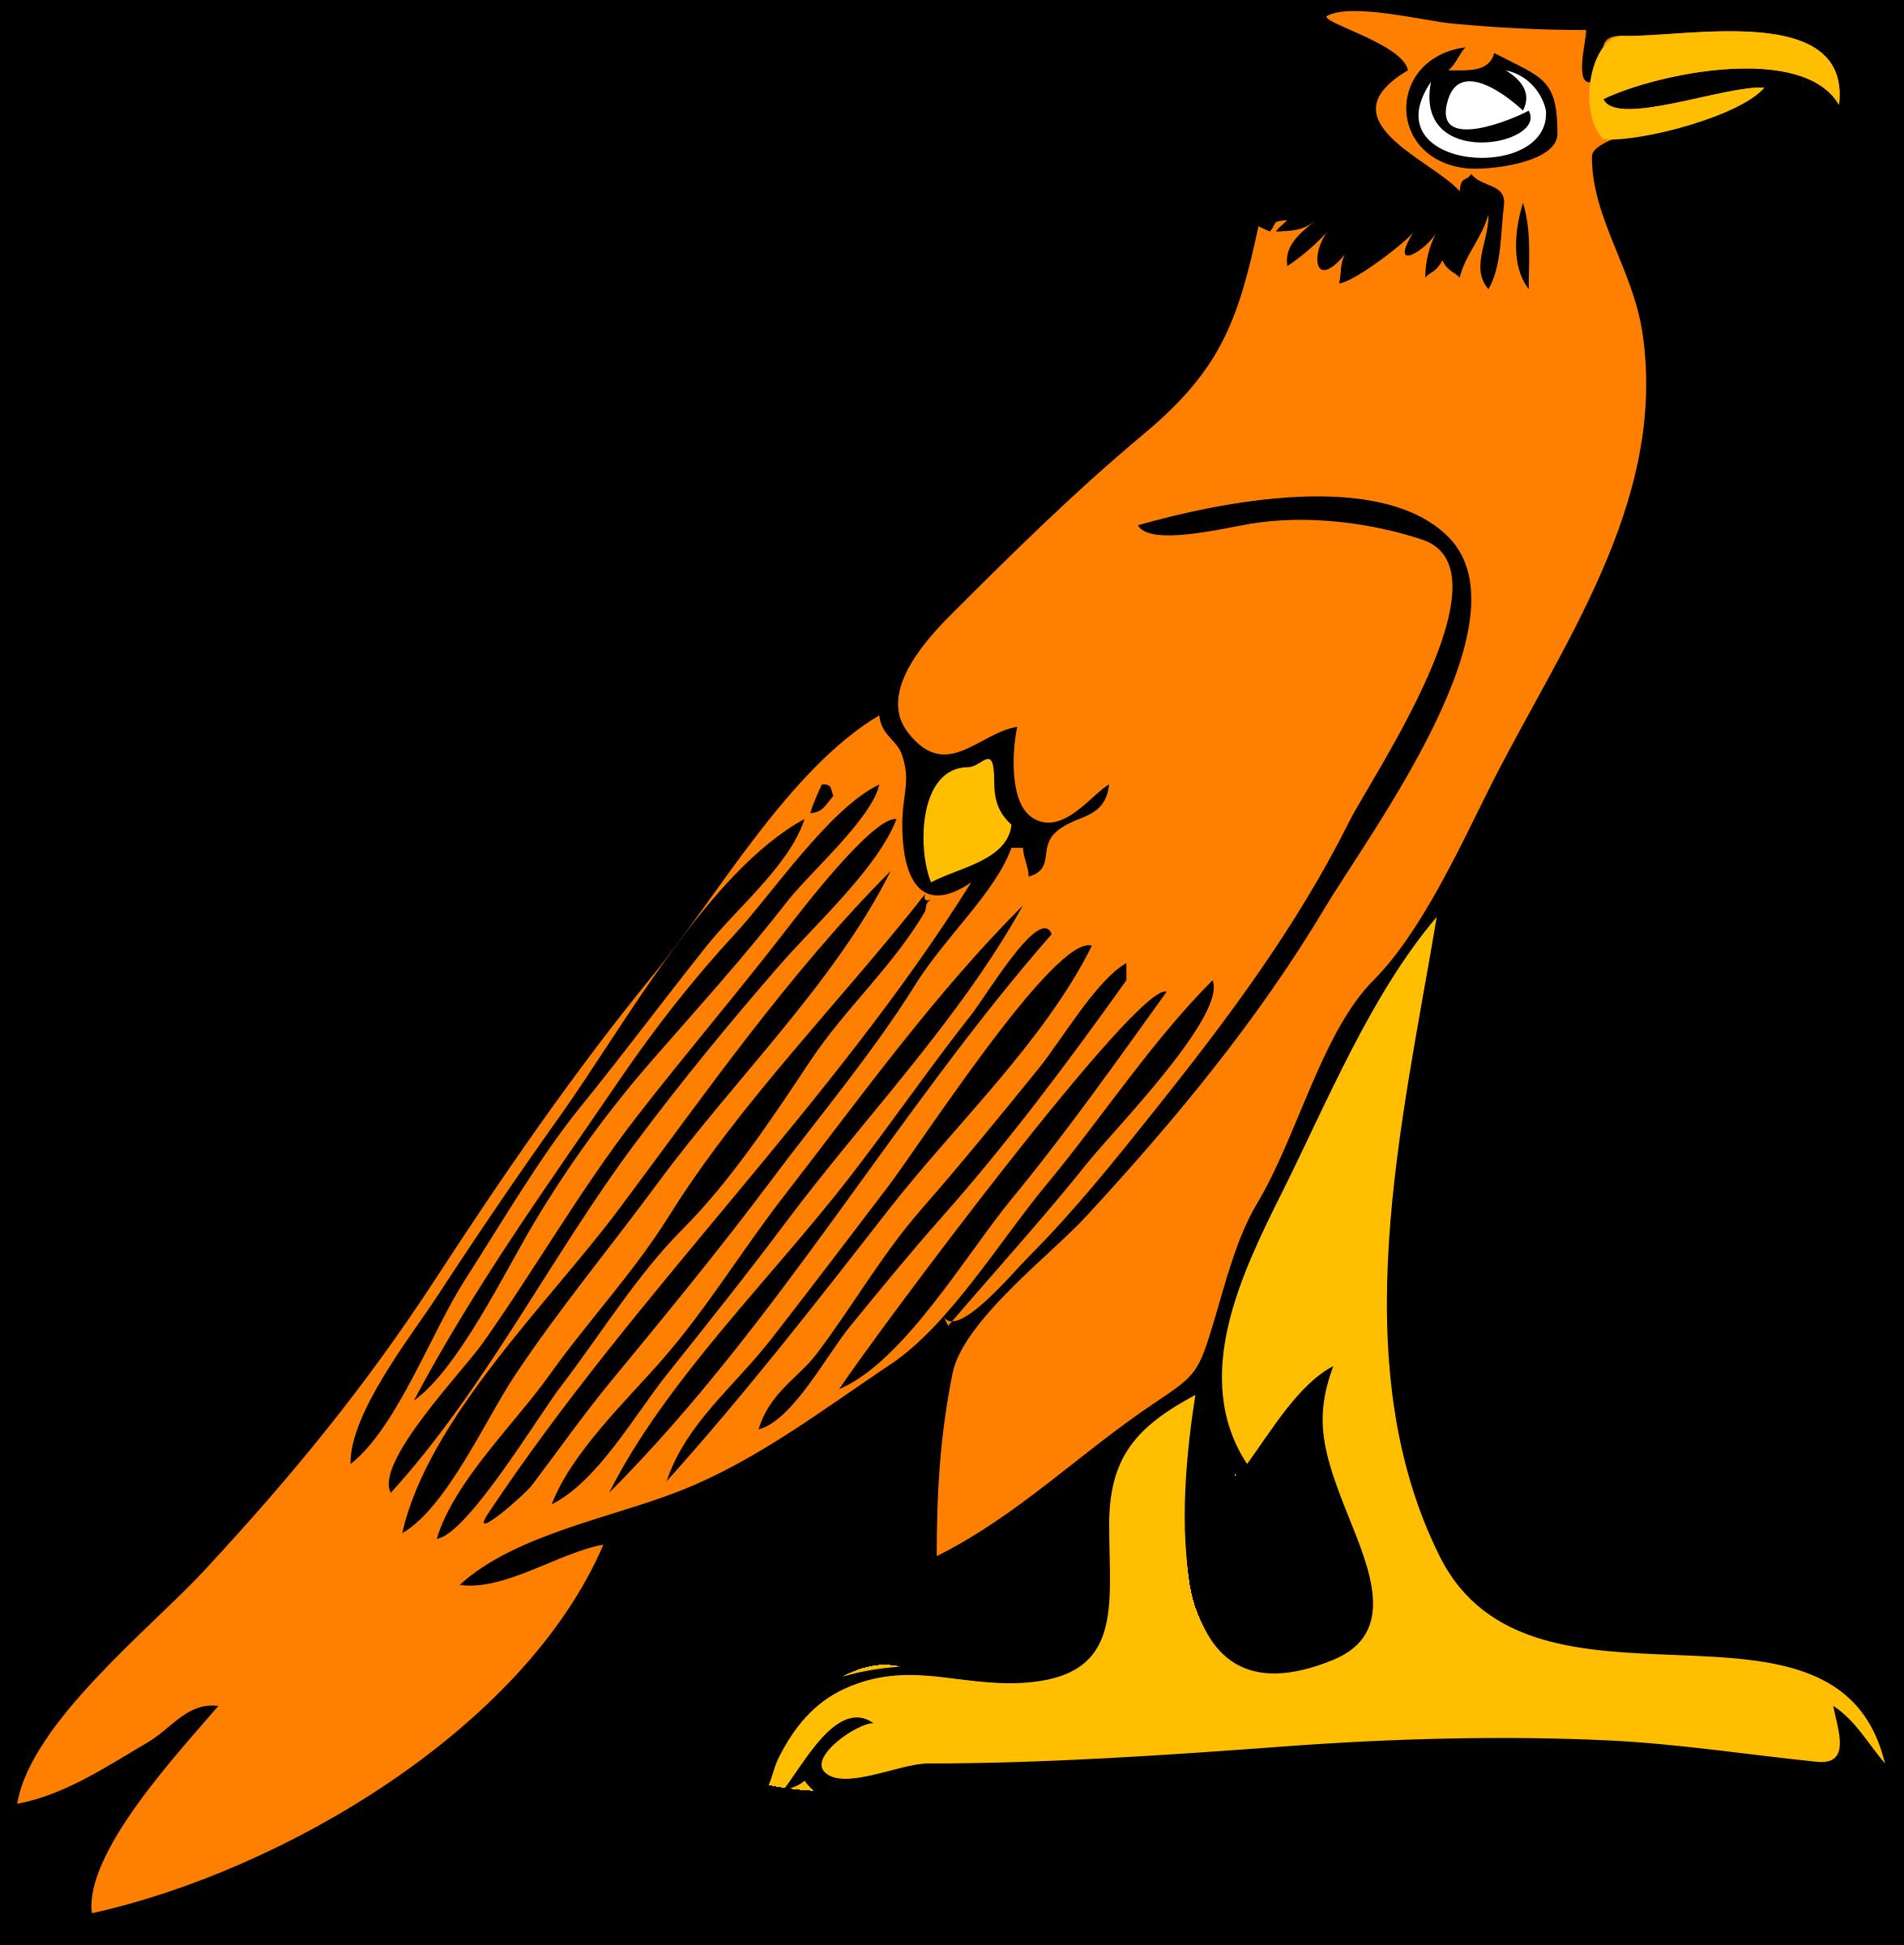 Architetto simbolo egizio big. Falcon clipart falcon bird